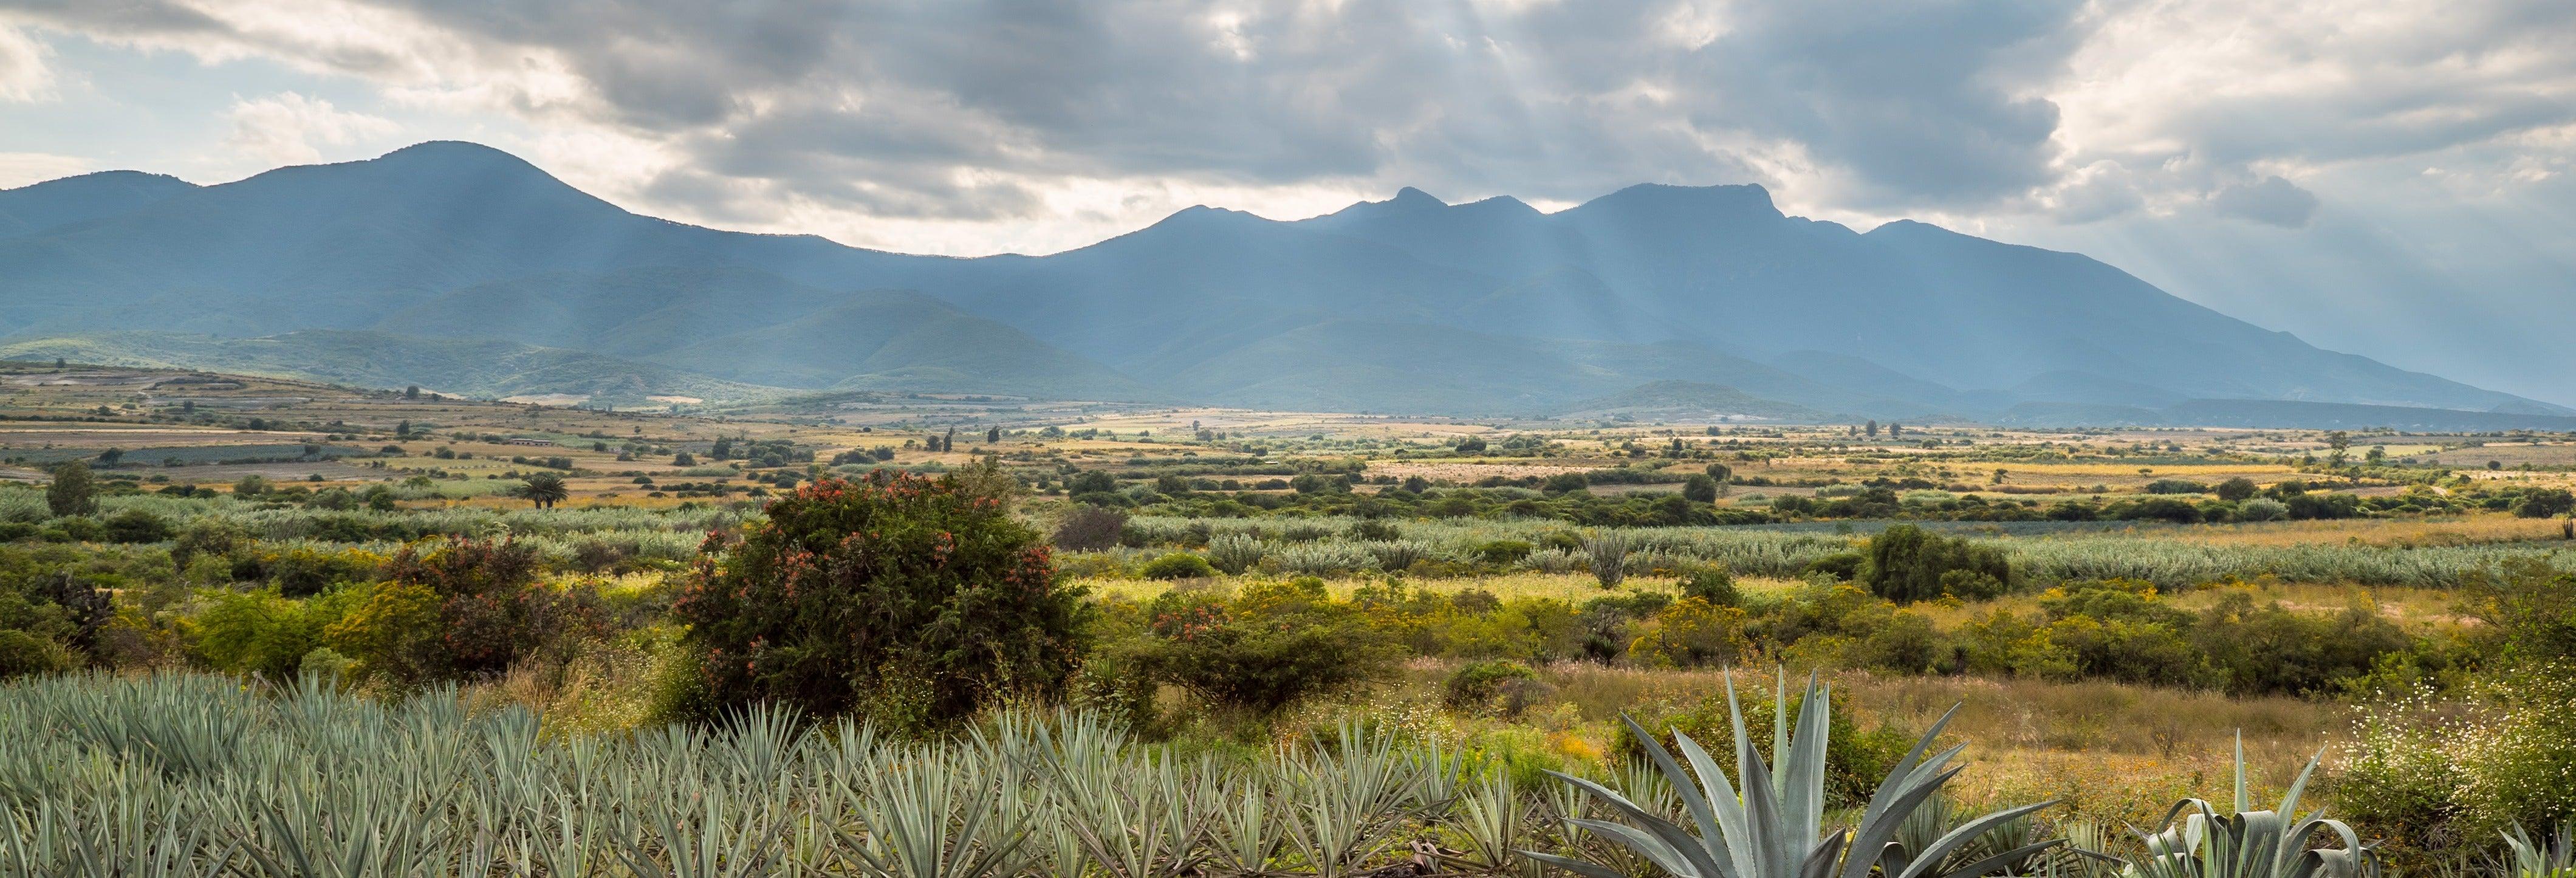 Tour de 2 dias pelo vale de Oaxaca